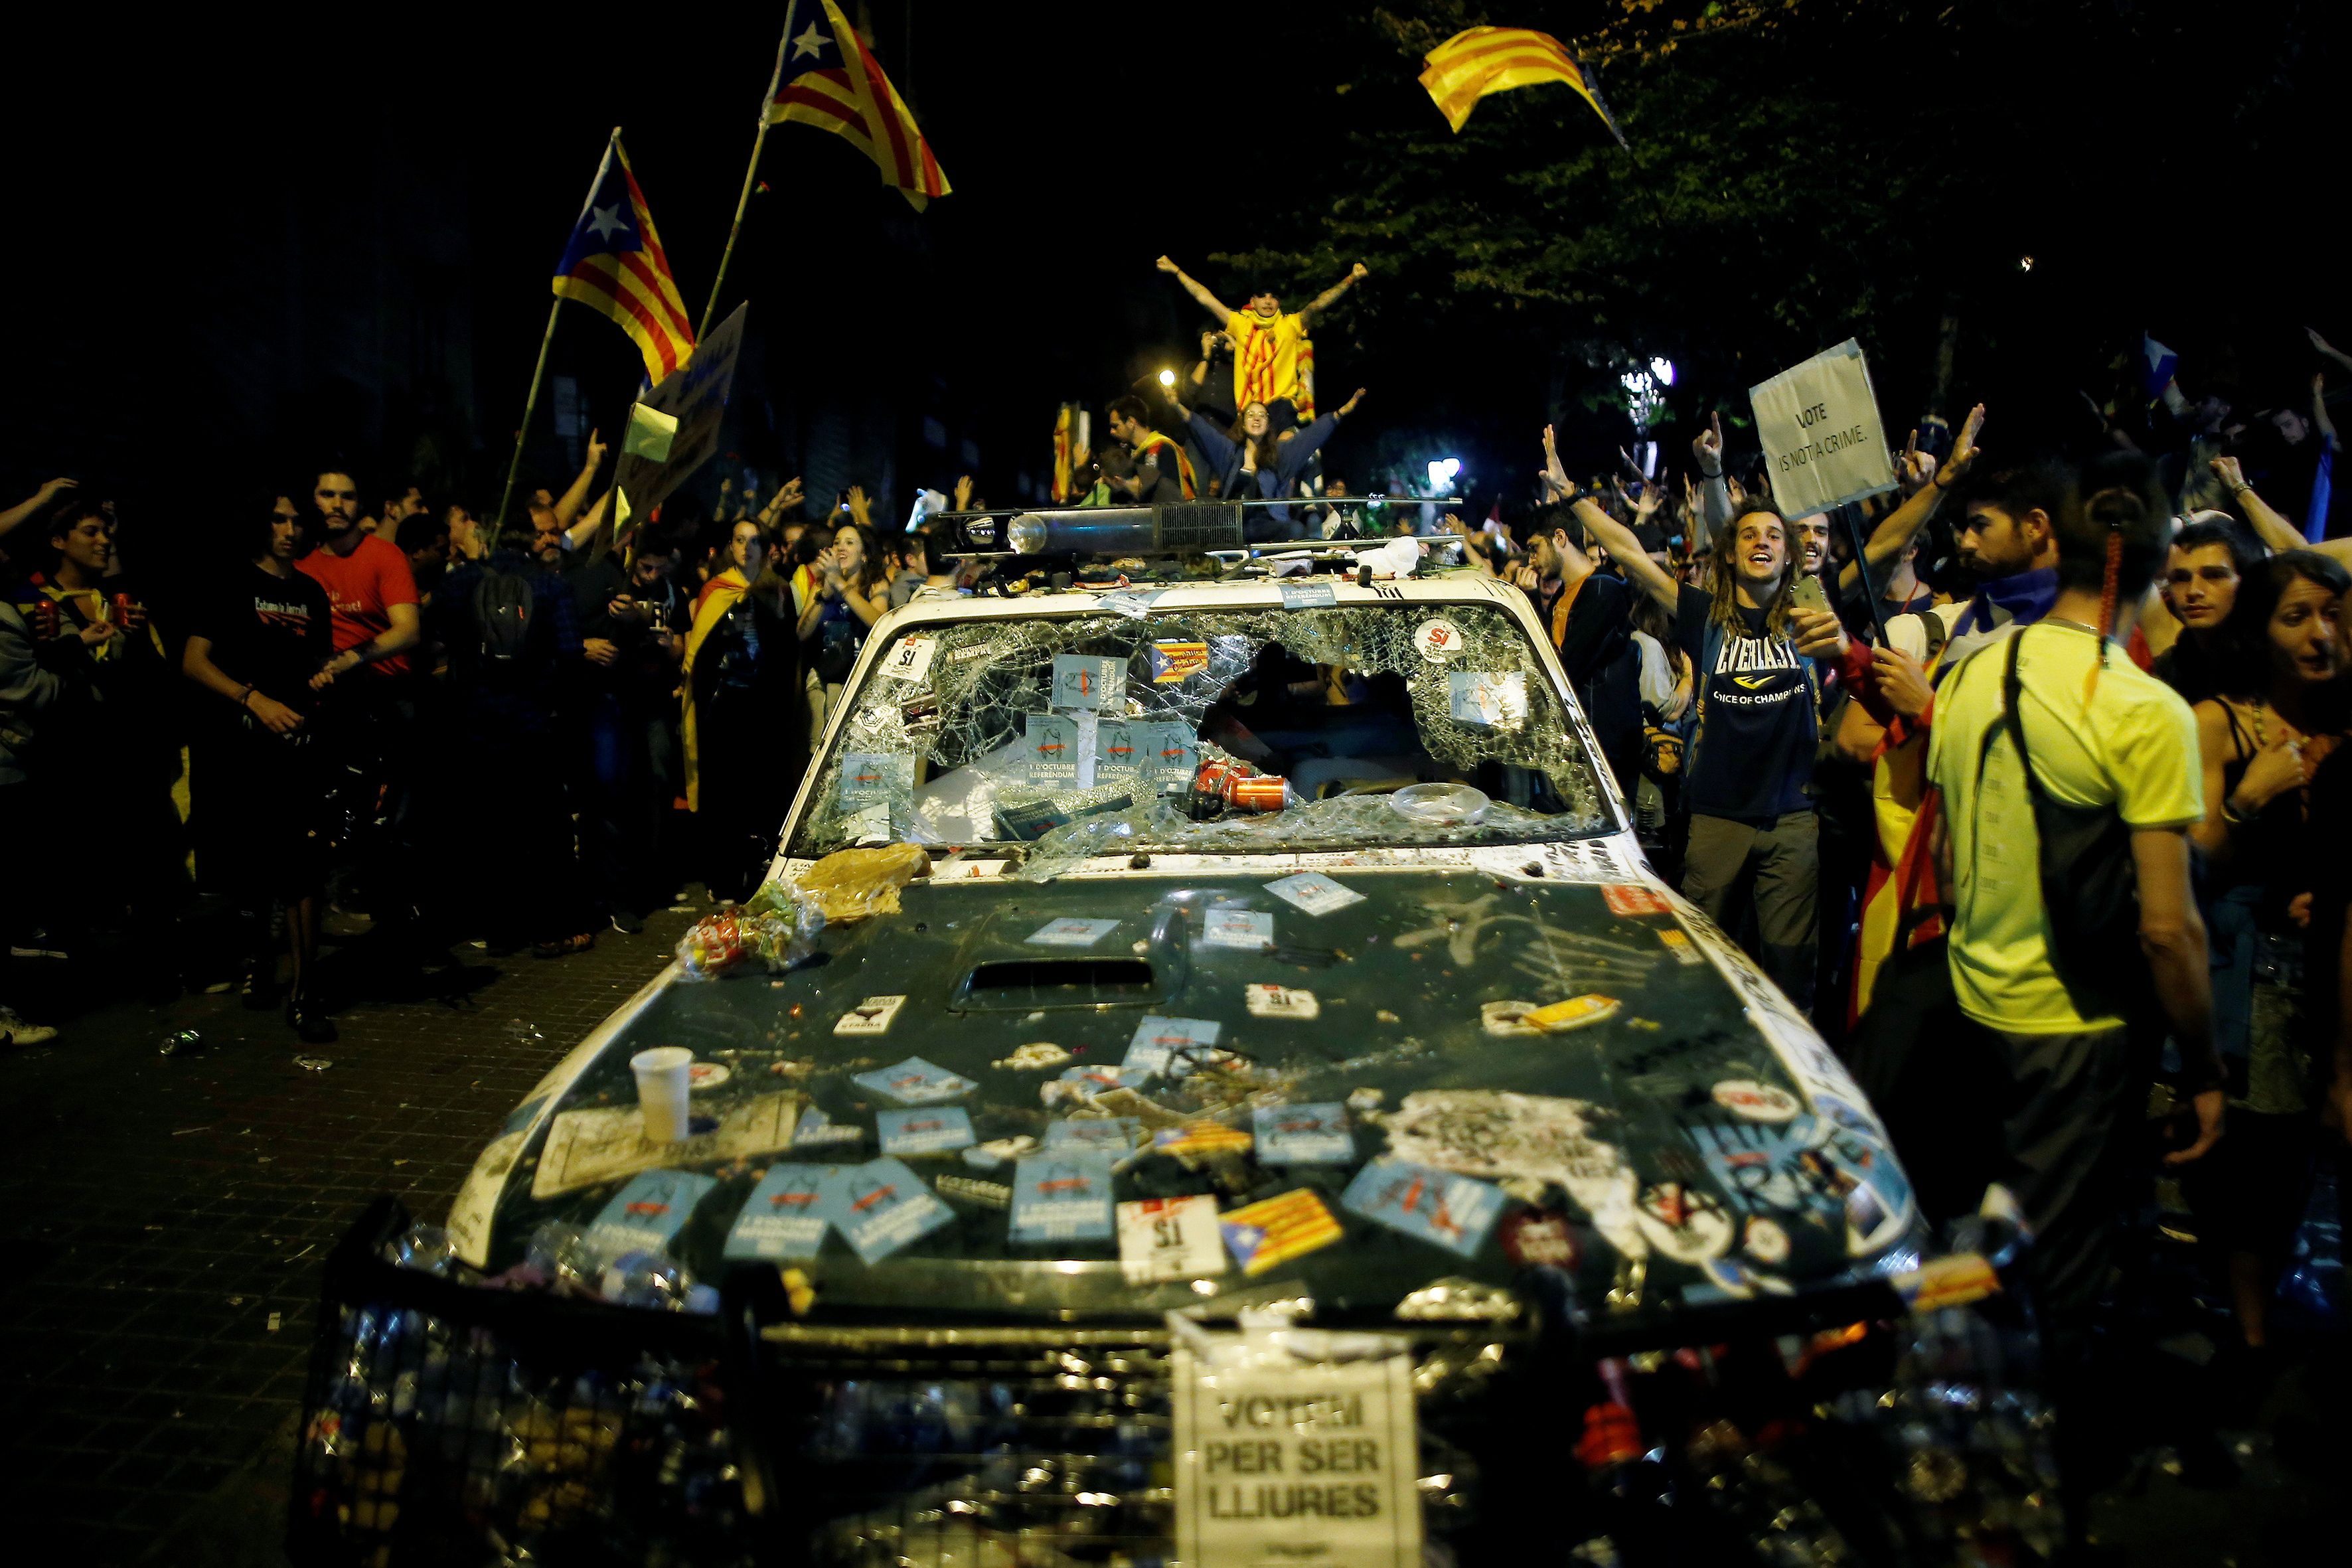 Οι διαδηλωτές φωνάζουν συνθήματα δίπλα σε ένα χαλασμένο περιπολικό της Ισπανικής Αστυνομίας έξω από το κτίριο του υπουργείου οικονομίας της καταλανικής περιοχής κατά τη διάρκεια επιδρομής της ισπανικής αστυνομίας σε κυβερνητικά γραφεία, στη Βαρκελώνη της Ισπανίας, στις 21 Σεπτεμβρίου 2017. REUTERS / Jon Nazca